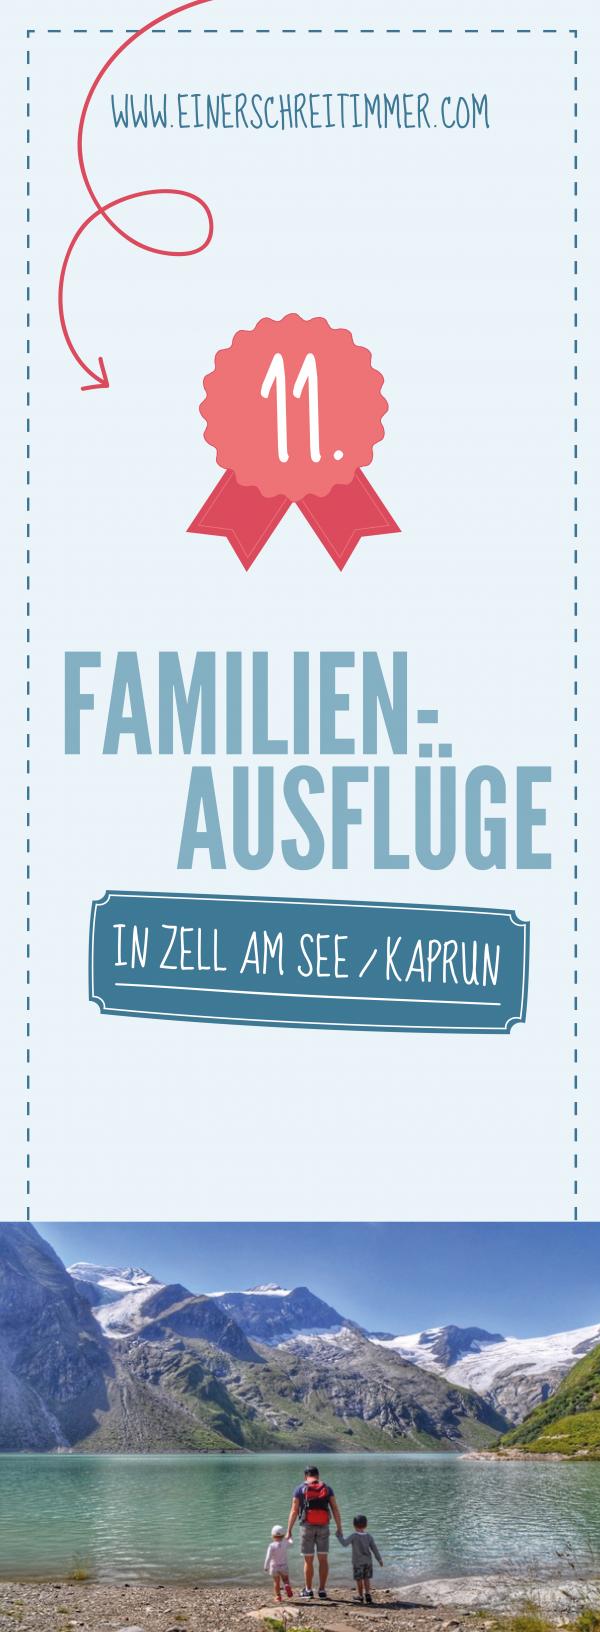 Photo of Die TOP 11: Ausflugsziele in Zell am See / Kaprun – ★ Mamablog: Einer schreit immer